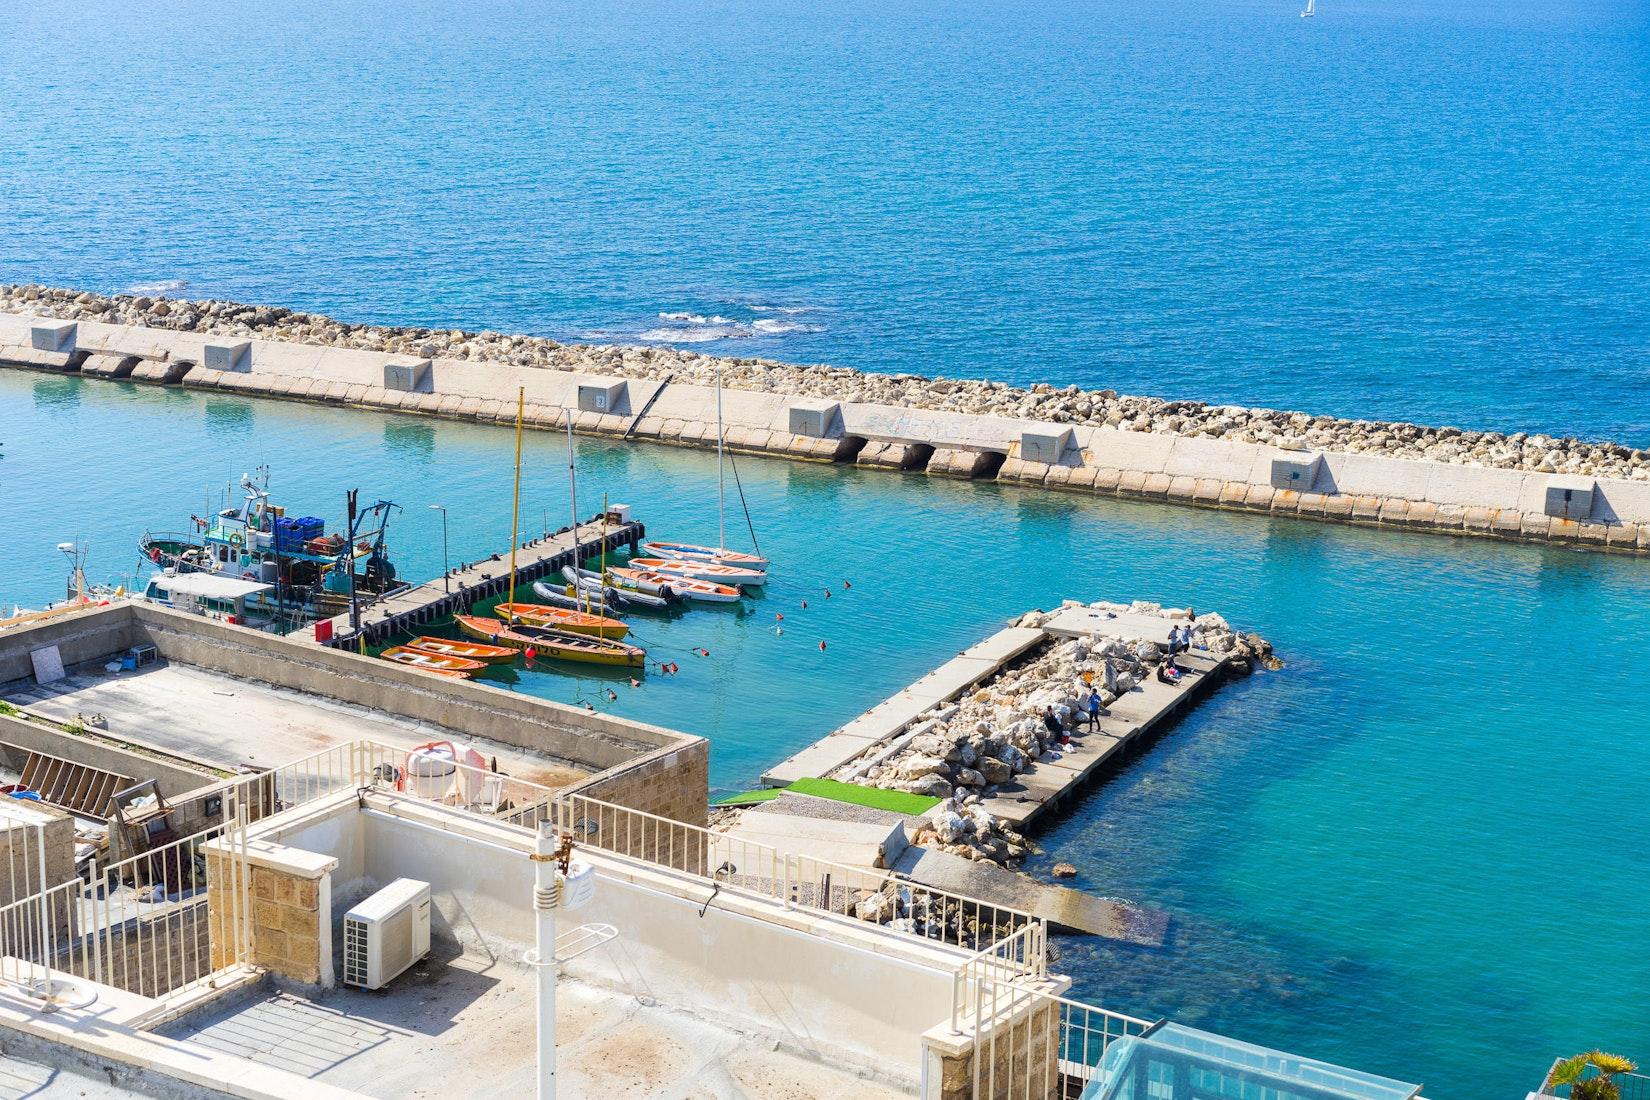 Boat docks in Tel Aviv